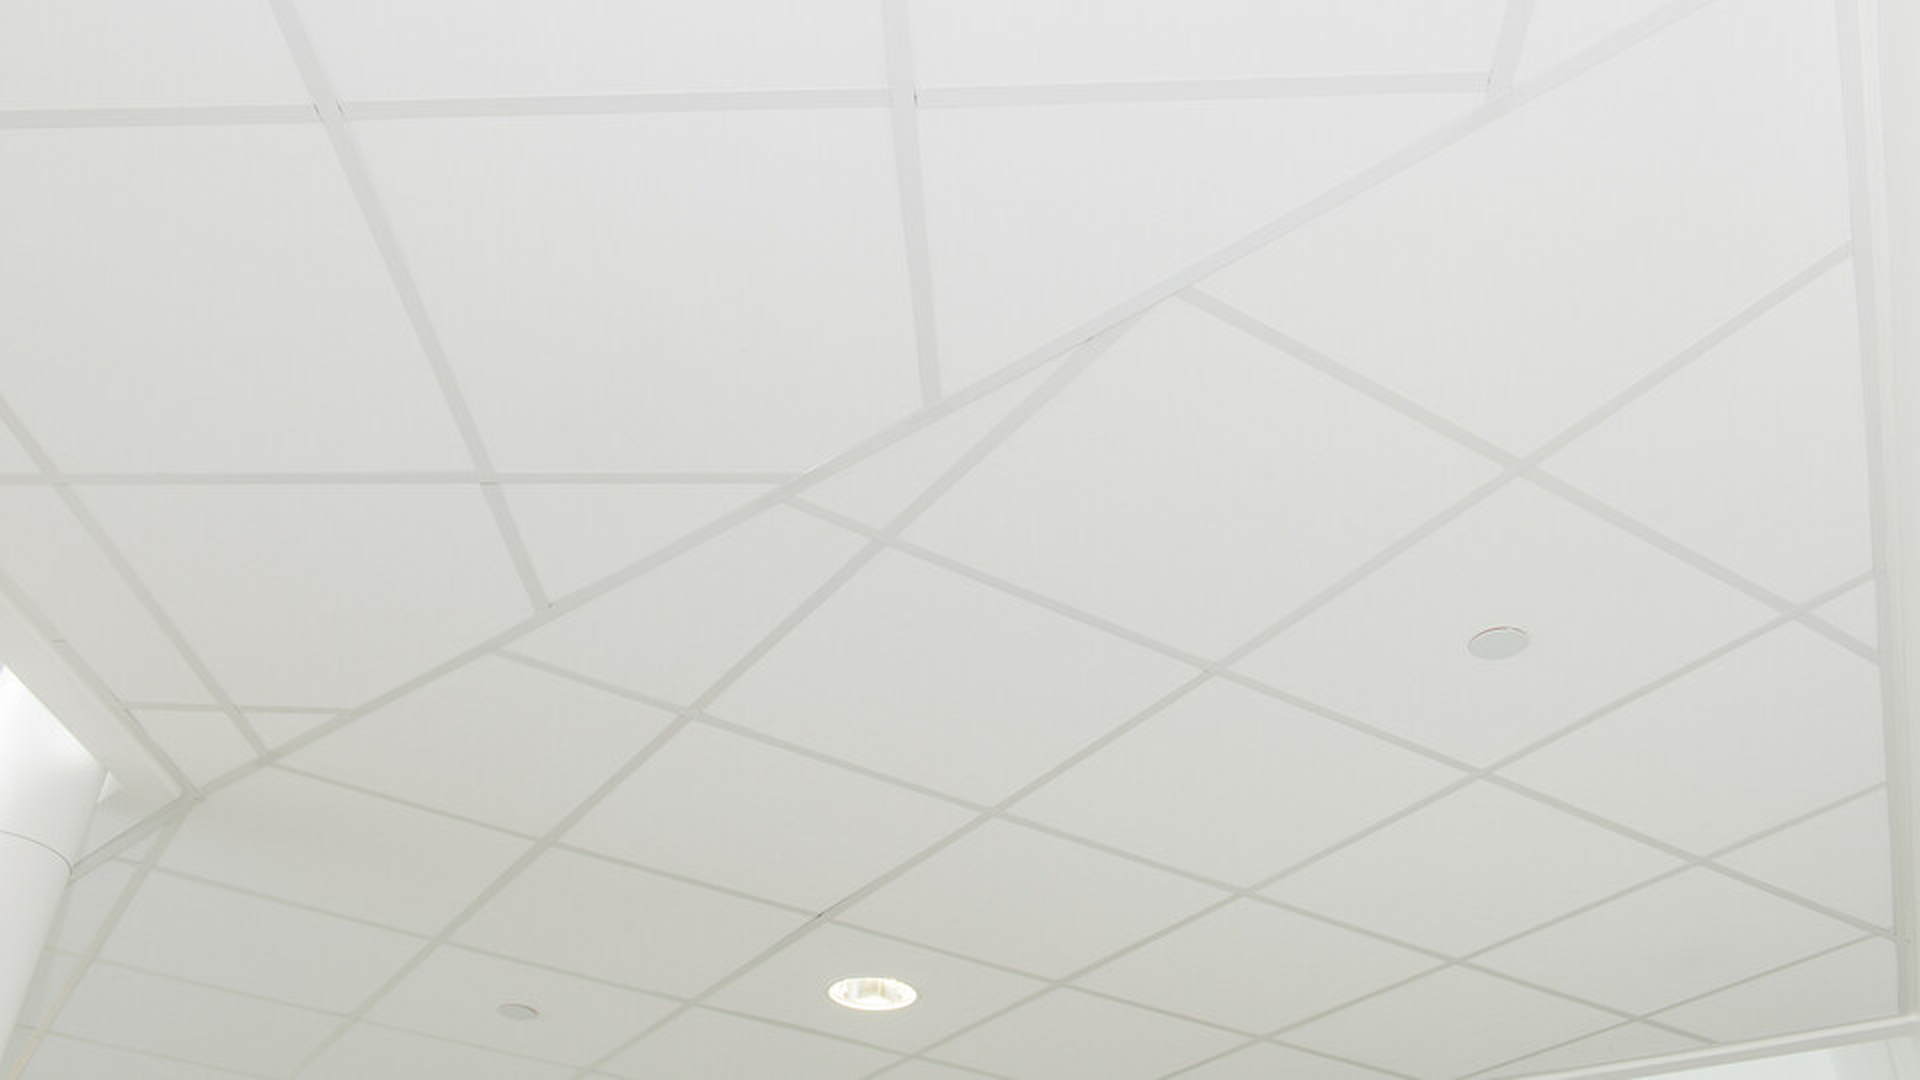 Verwendete Produkt(e): Rockfon® Tropic™, A24, 600 x 600